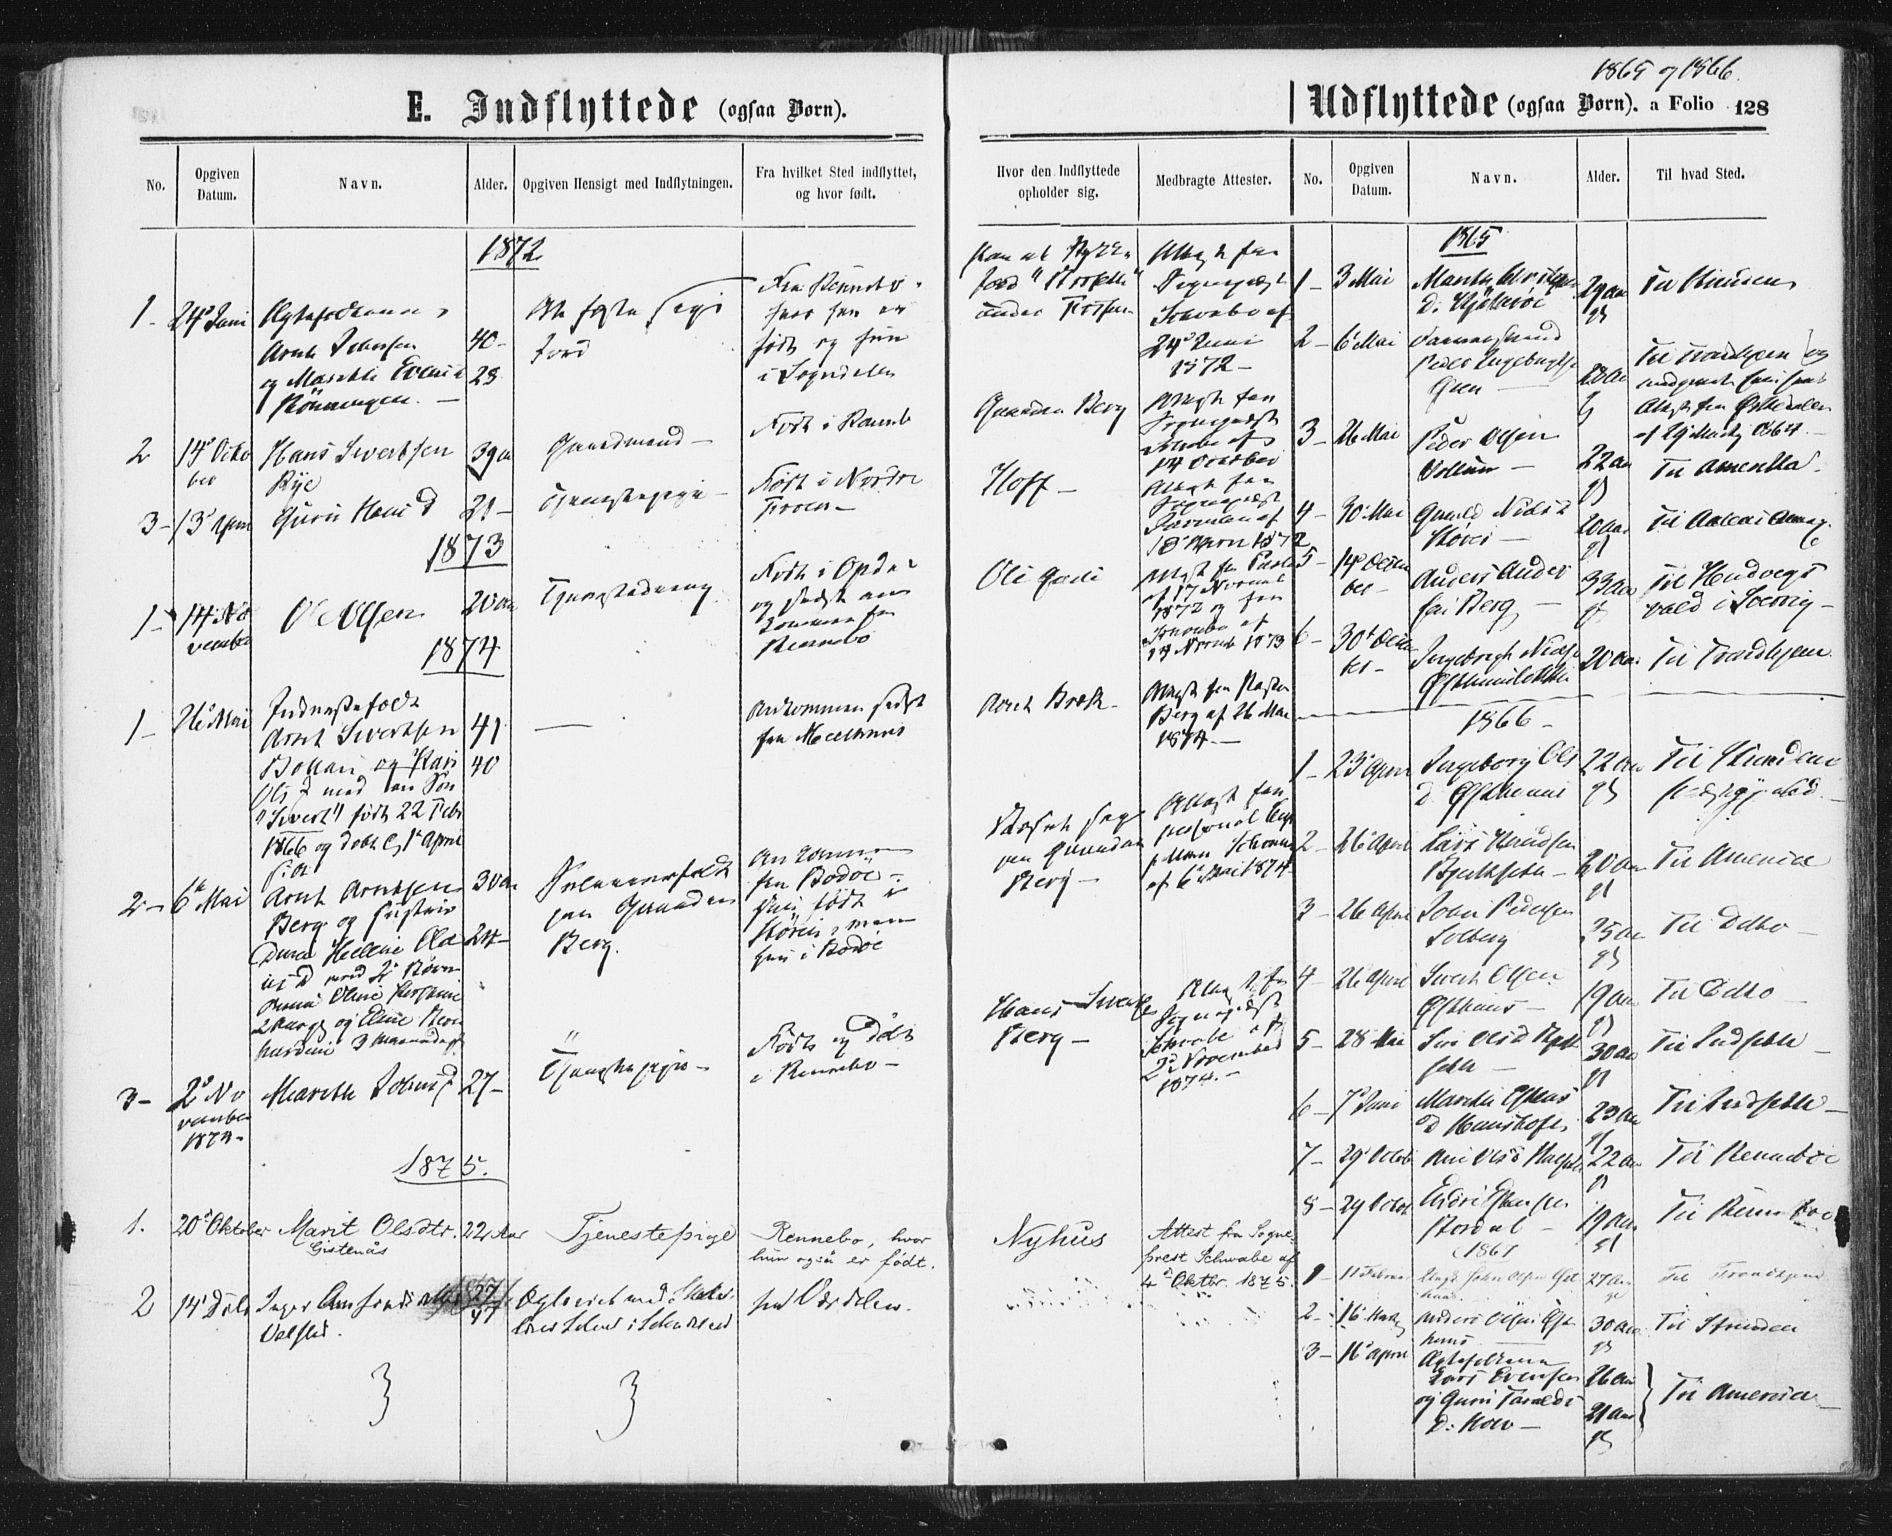 SAT, Ministerialprotokoller, klokkerbøker og fødselsregistre - Sør-Trøndelag, 689/L1039: Ministerialbok nr. 689A04, 1865-1878, s. 128